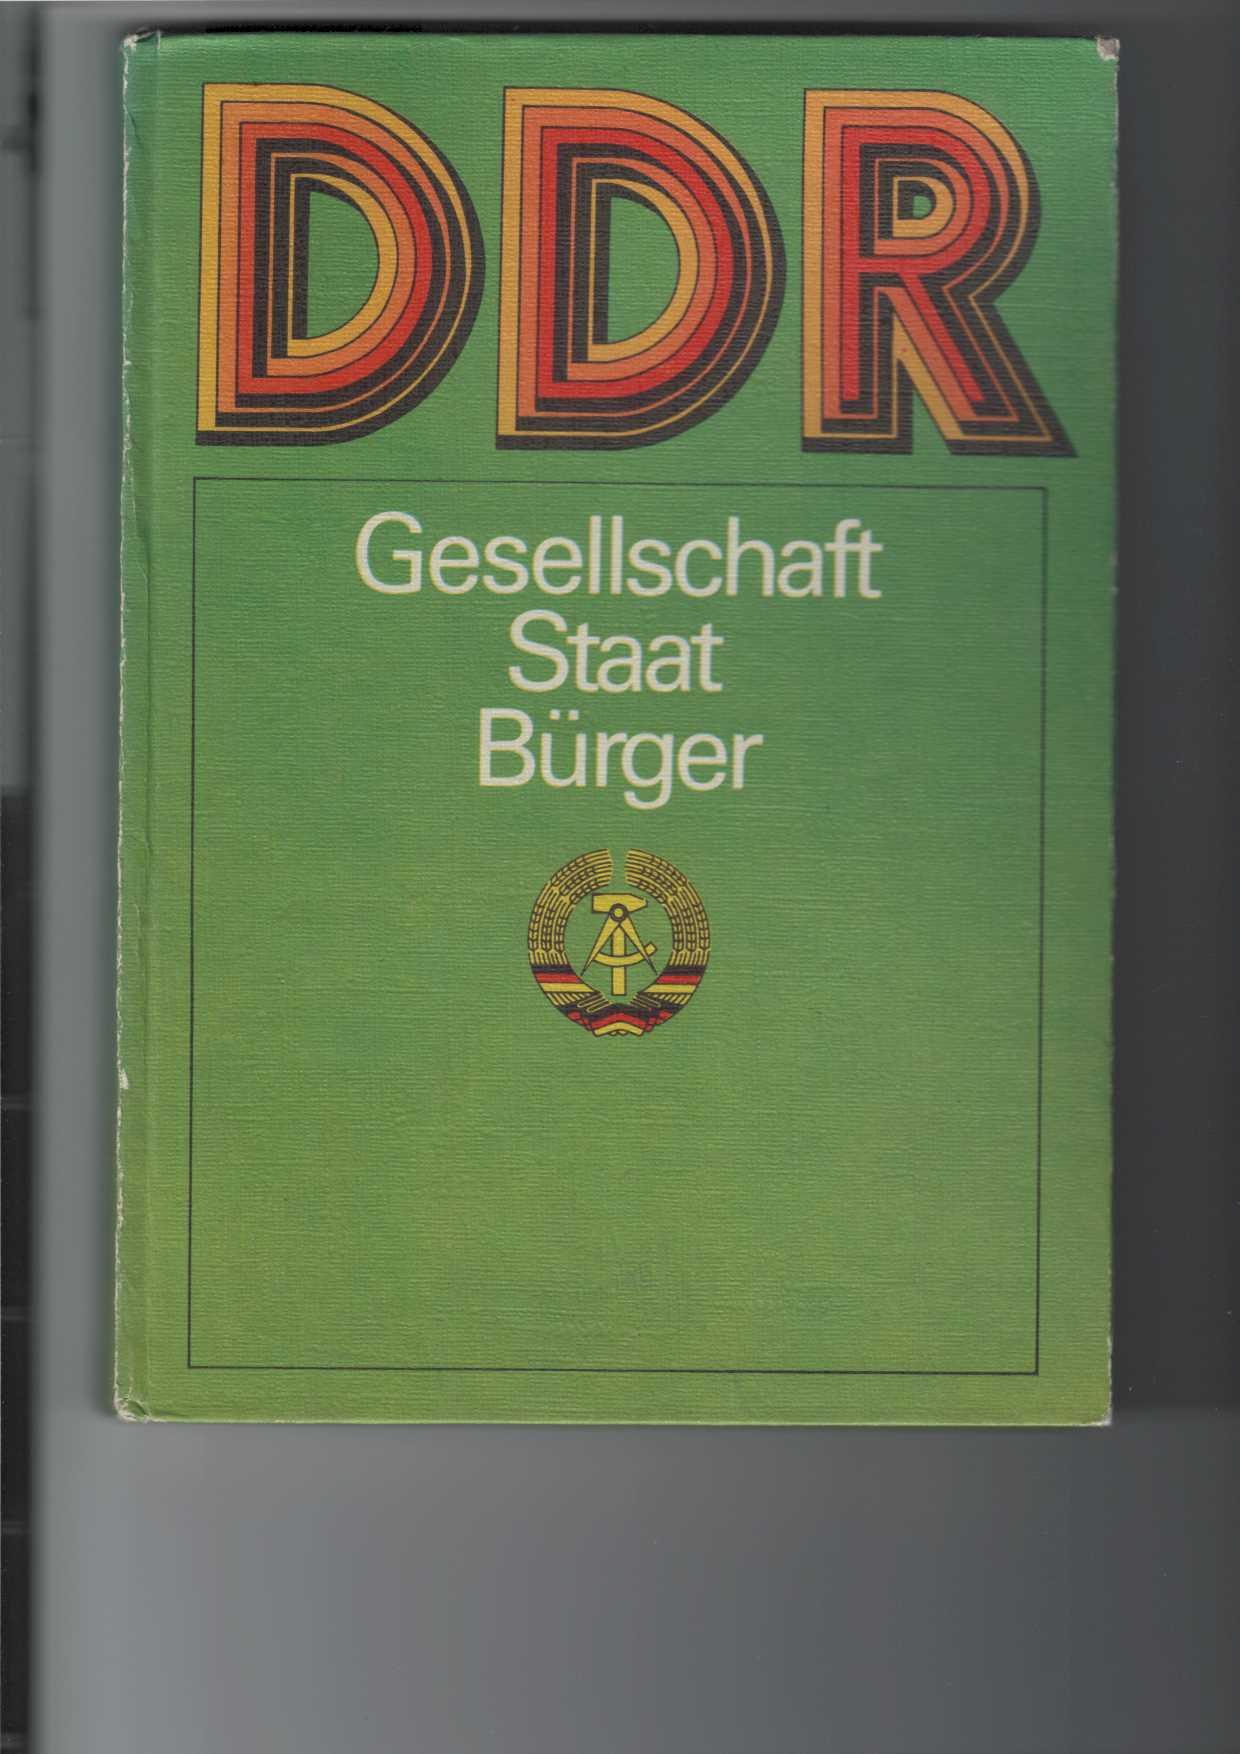 DDR - Gesellschaft, Staat, Bürger. Hrsg.: Akademie für Staats- und Rechtswissenschaft der DDR Potsdam-Babelsberg, 2., überarbeitete Aufl.,